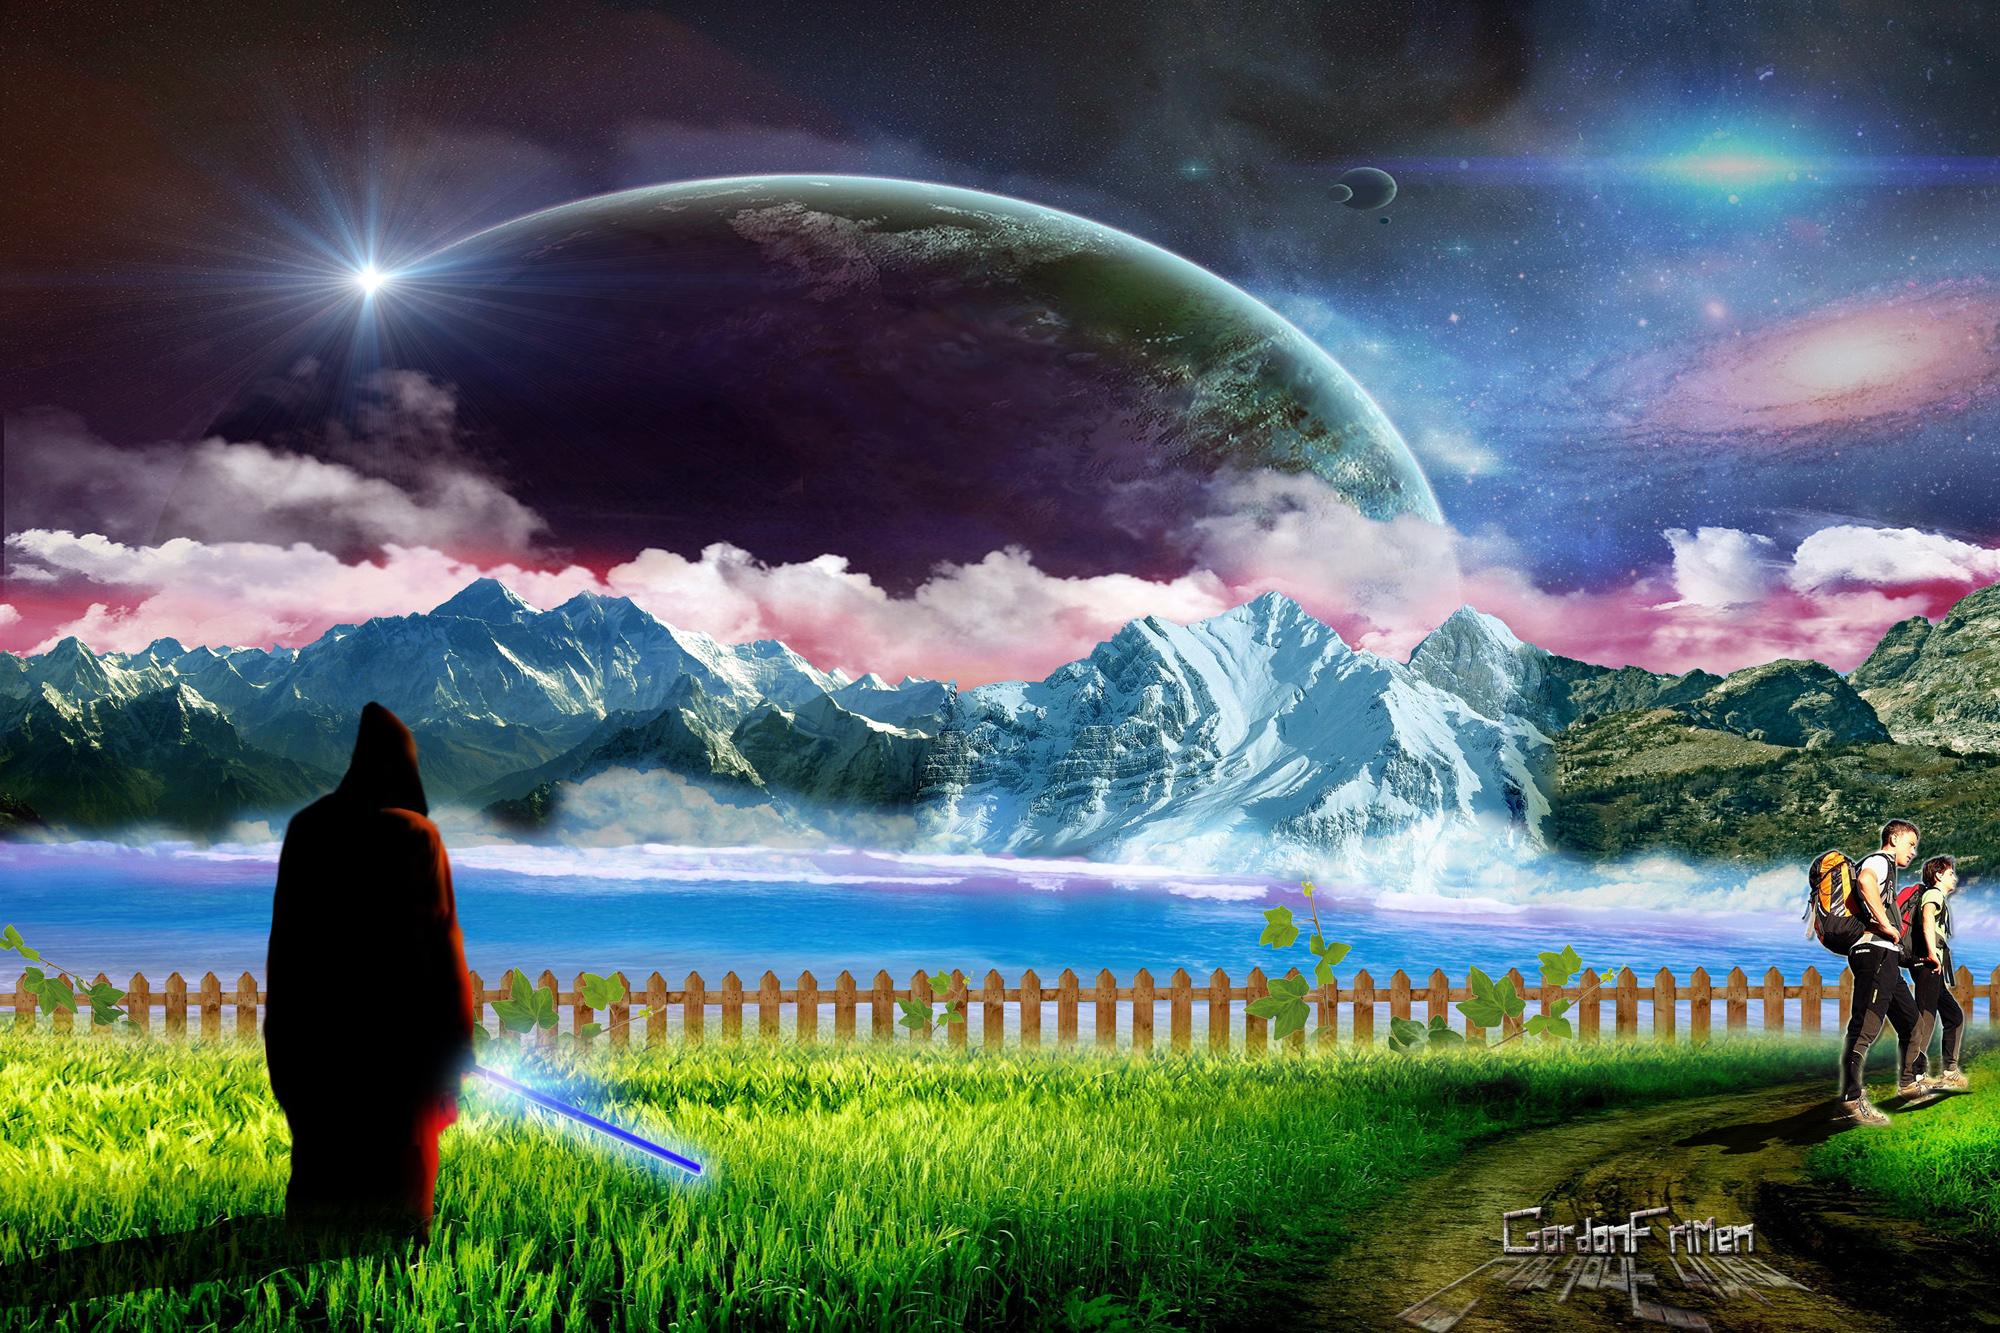 fantasy world hdgordonfrimenofficial on deviantart